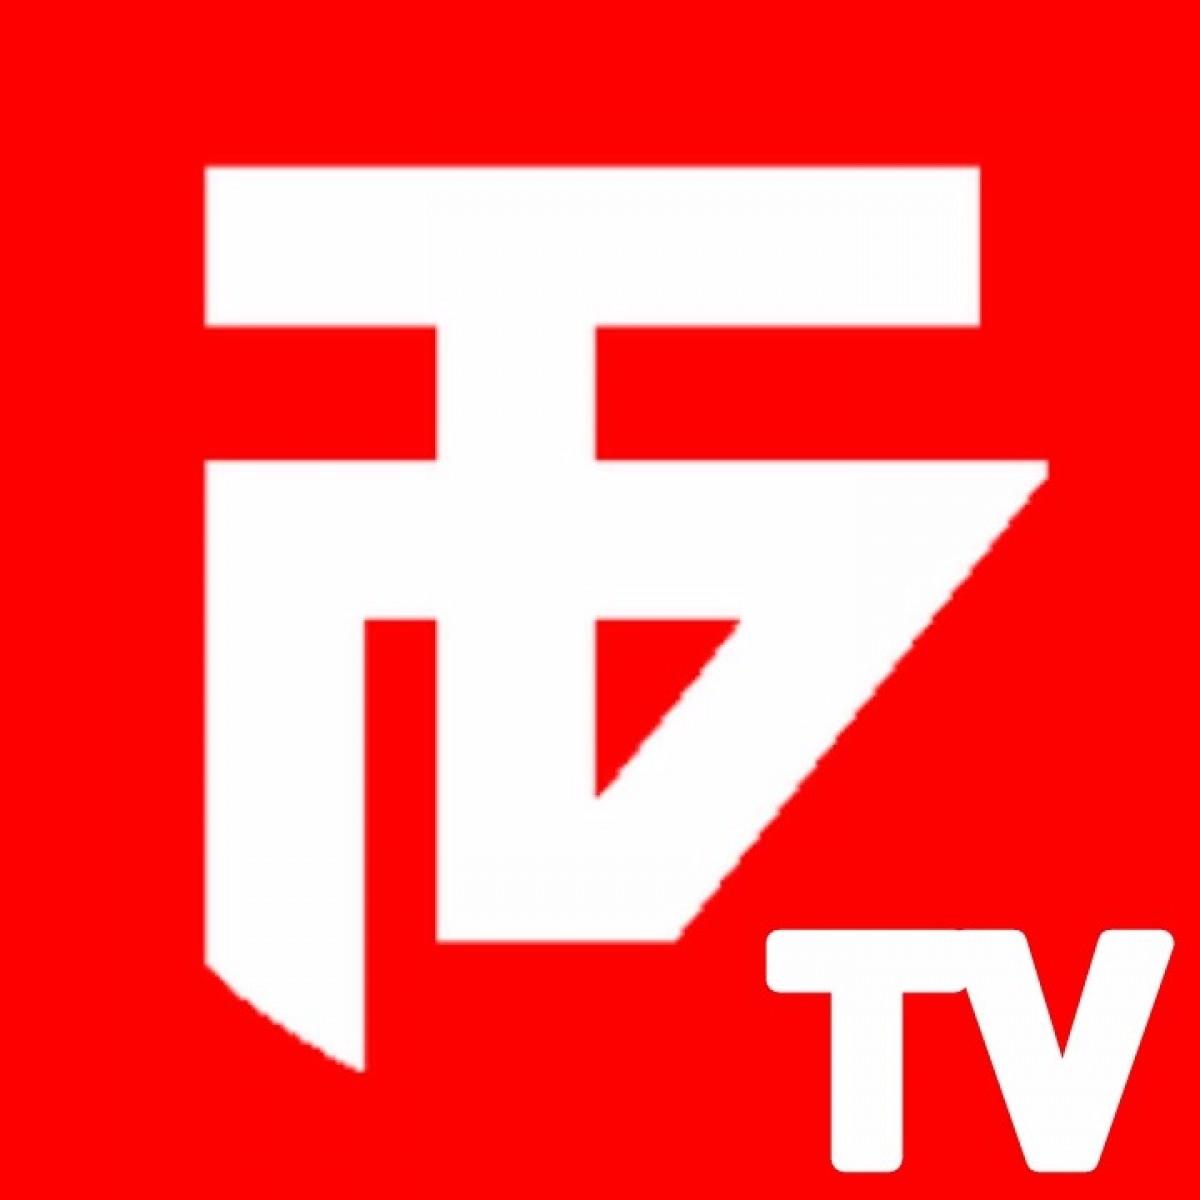 Thop TV 2019 new update - KKY Tech